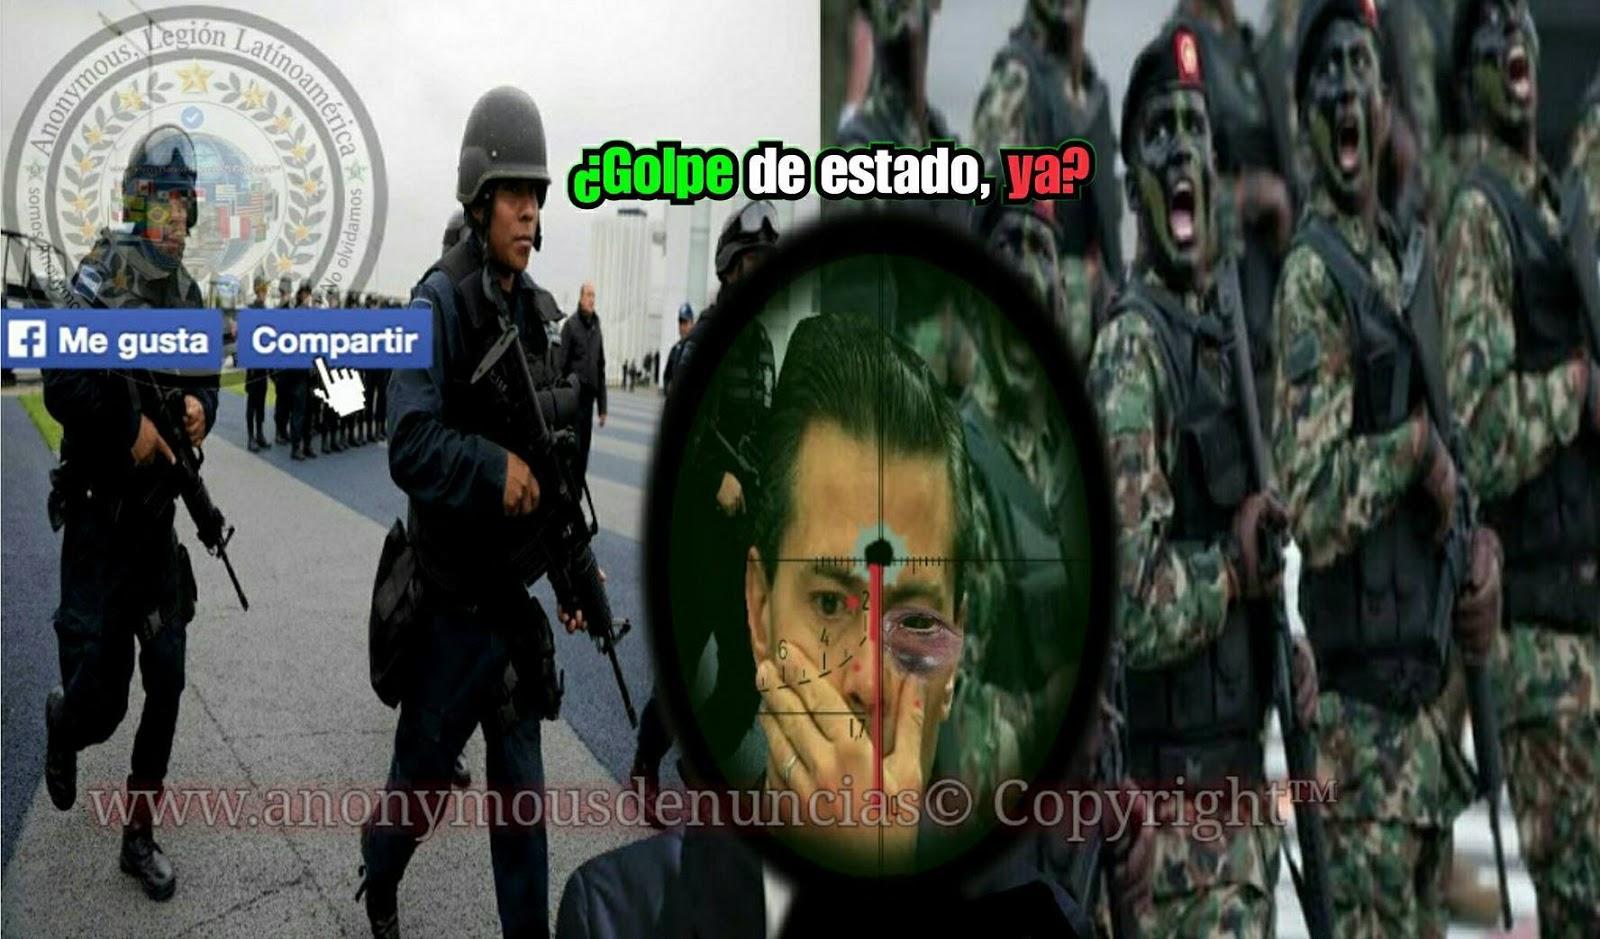 Federales, Marinos Y Militares, Convocan A Sociedad A